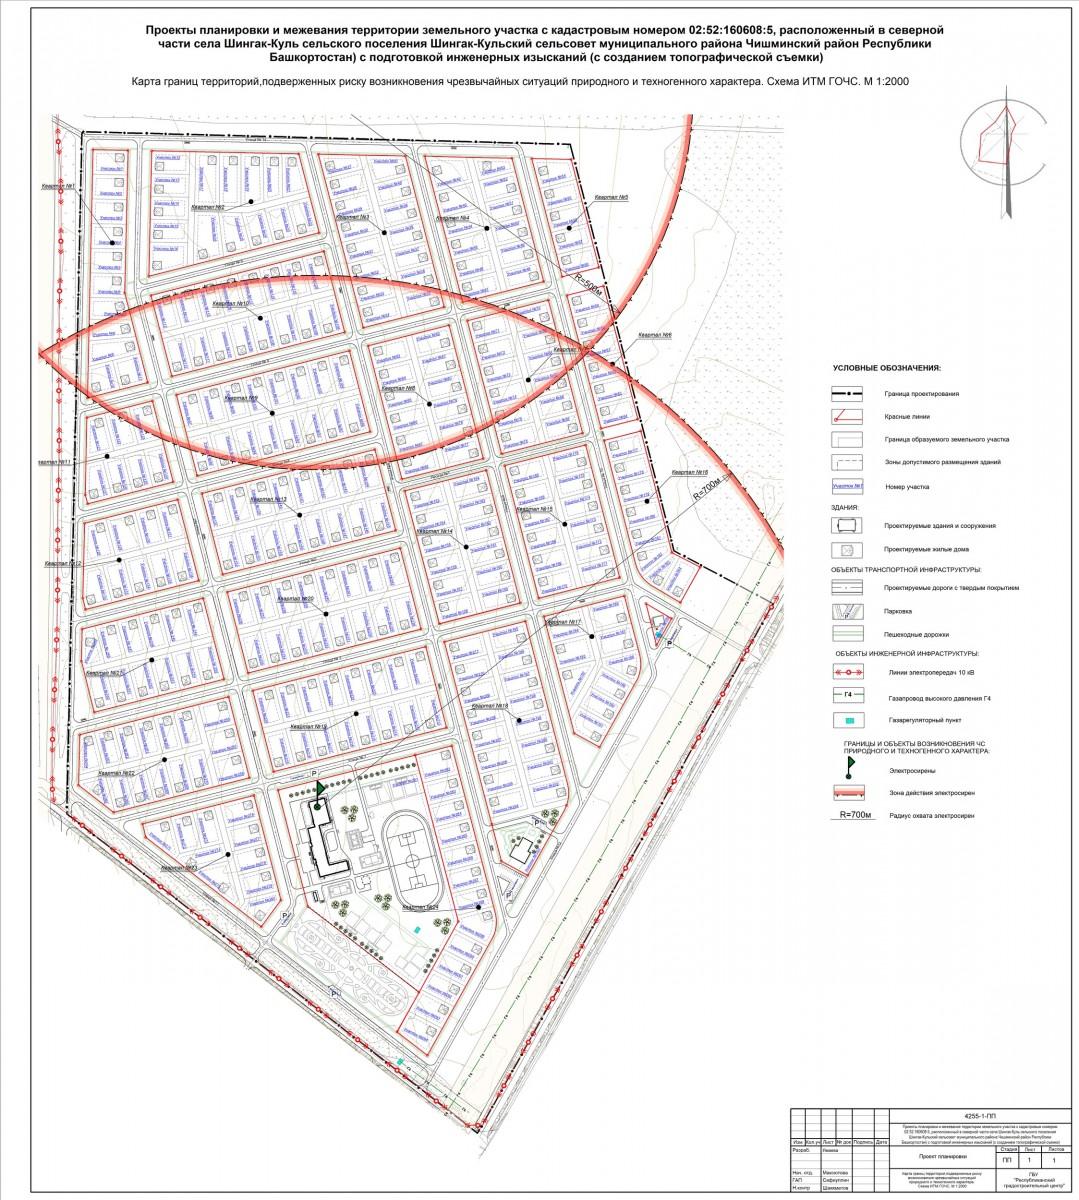 Проект межевания территории в 2020 году: требования, разработка, образец